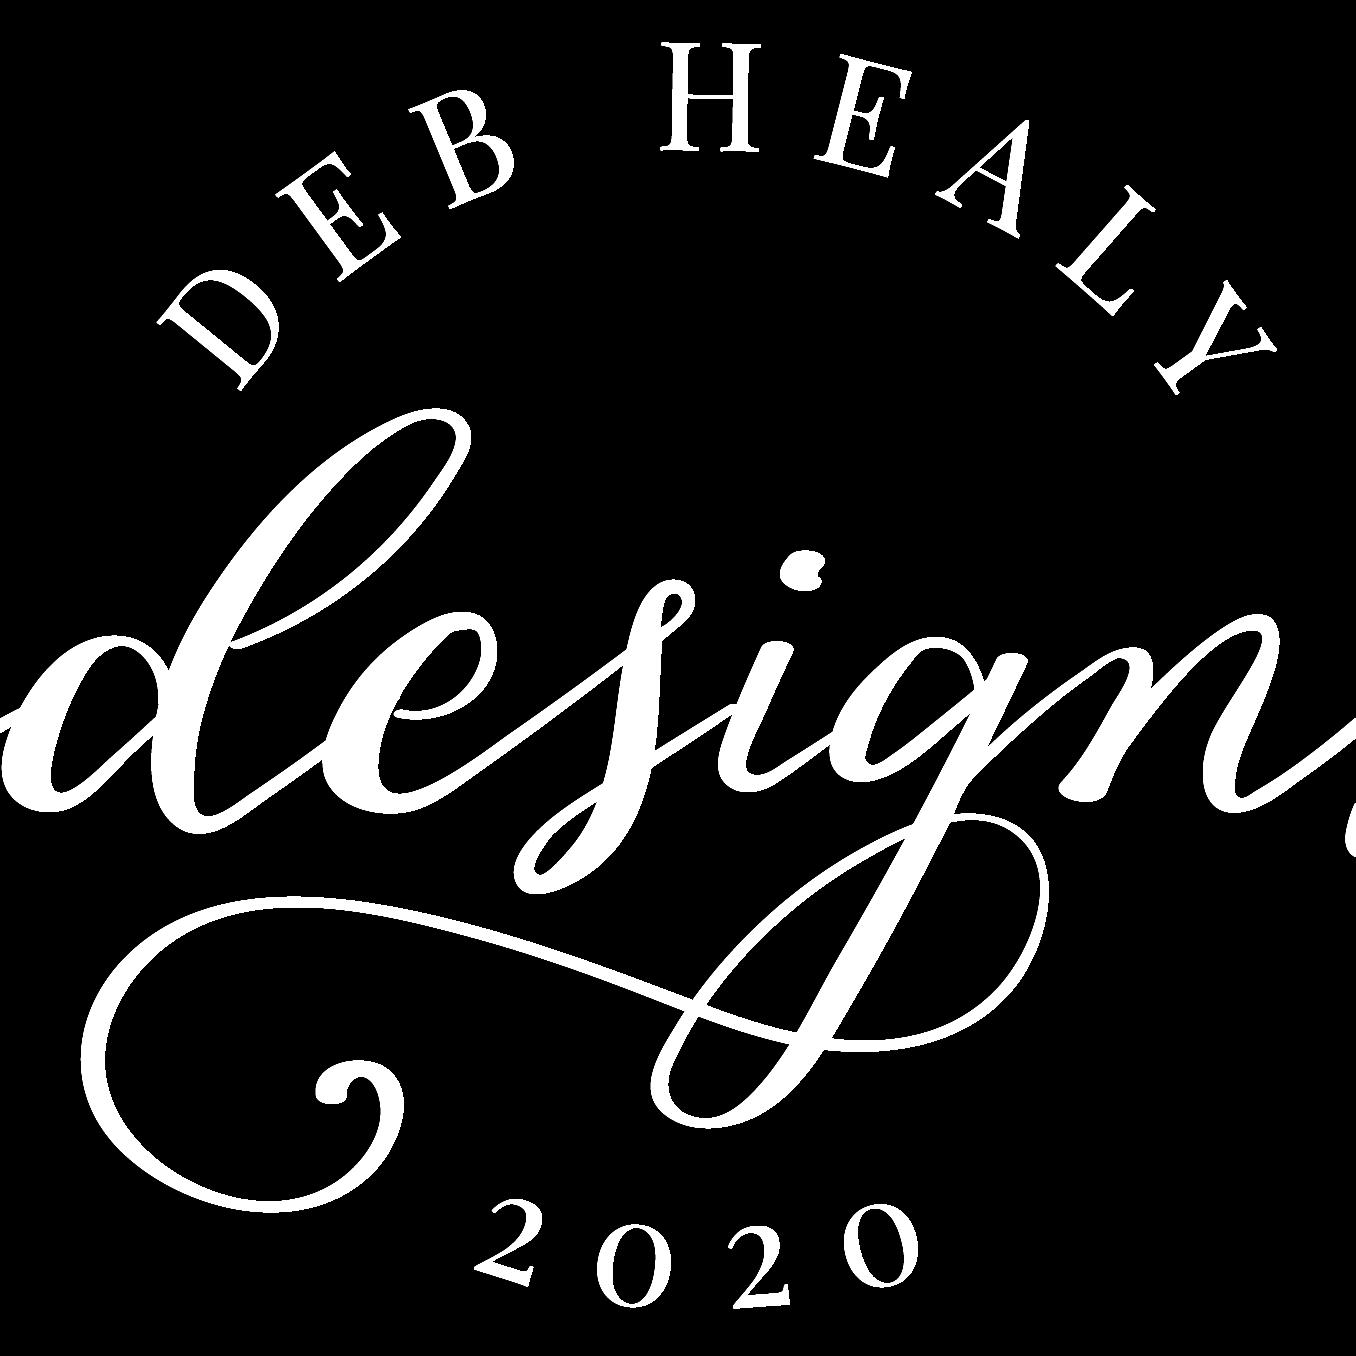 Deb Healy Designs